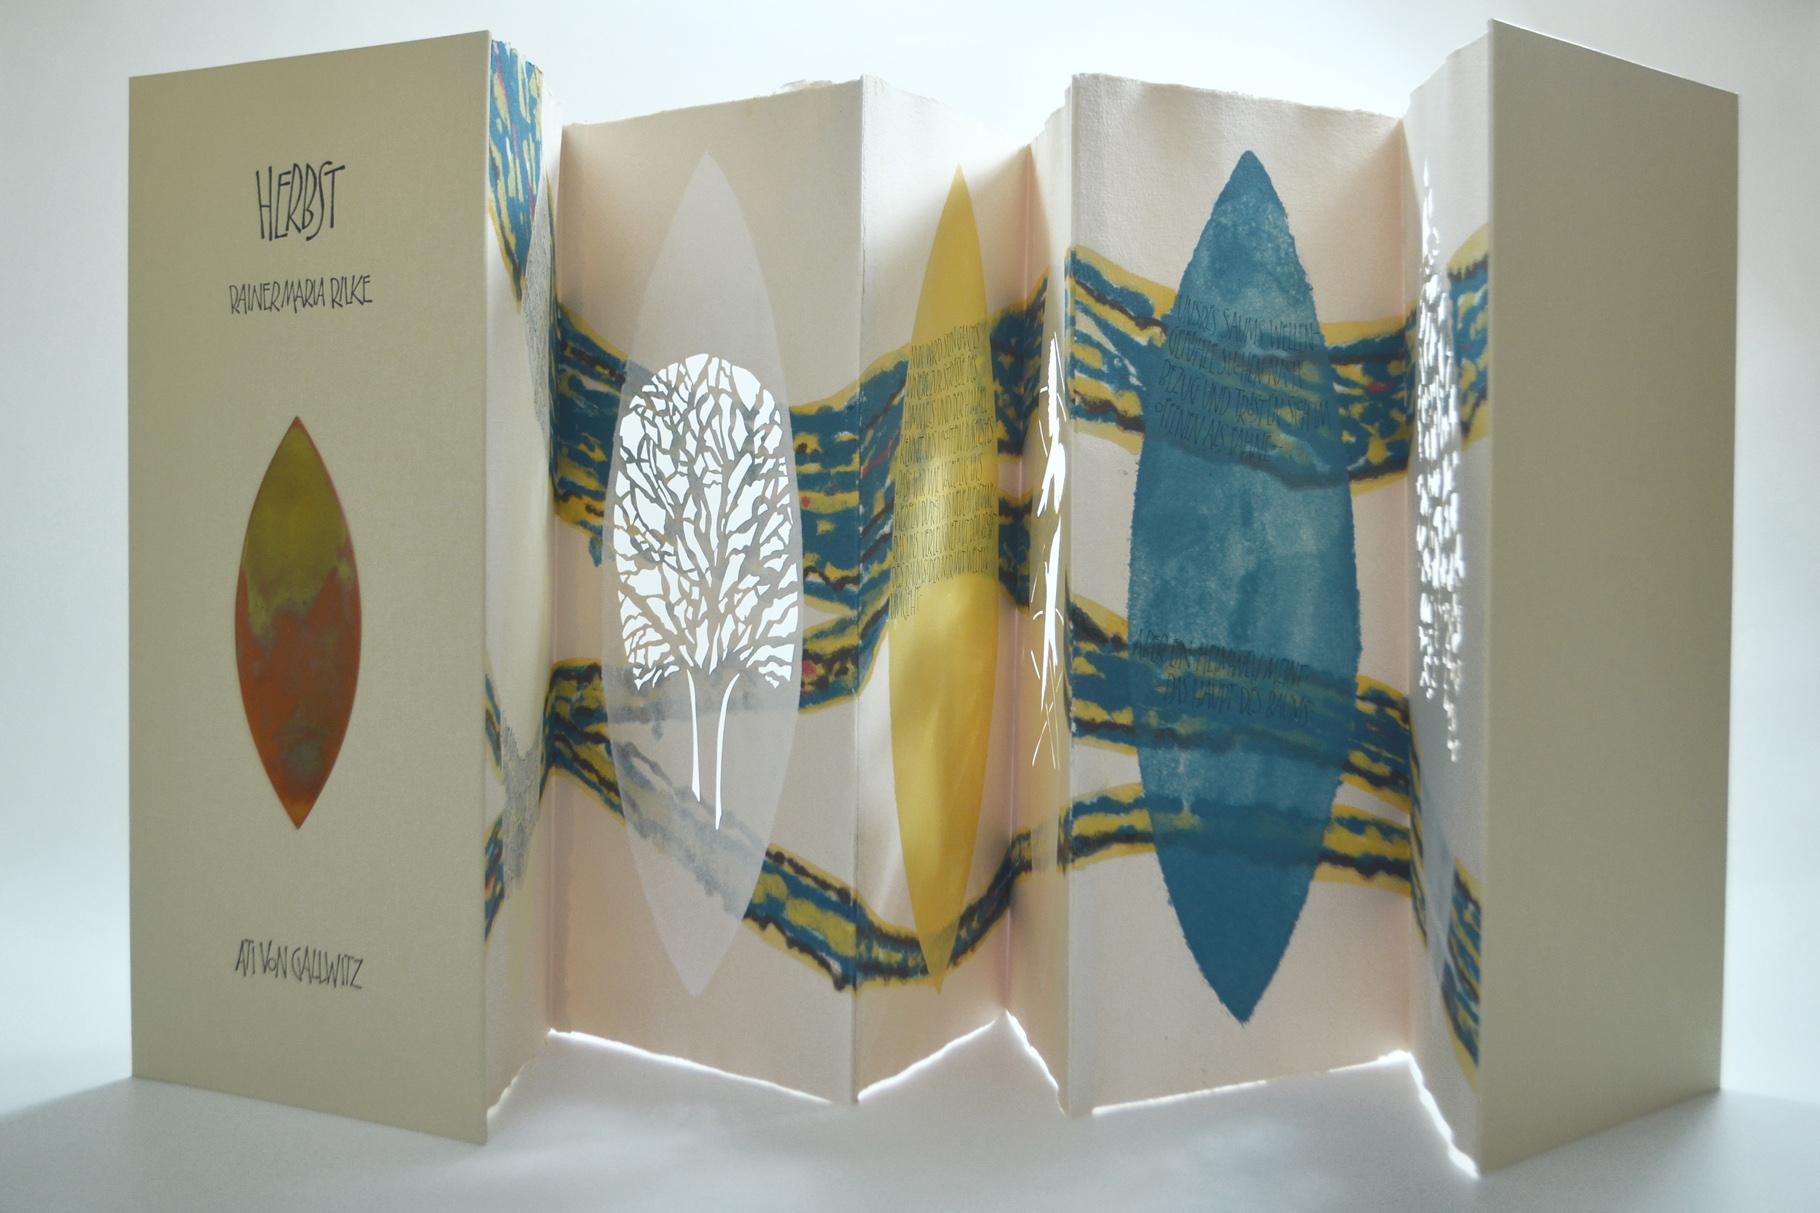 """""""Herbst"""" (2008) - Ein Künstlerbuch, gestaltet von Ati von Gallwitz und hergestellt in Zusammenarbeit mit John Gerard mit einem Gedicht von Rainer Maria Rilke"""